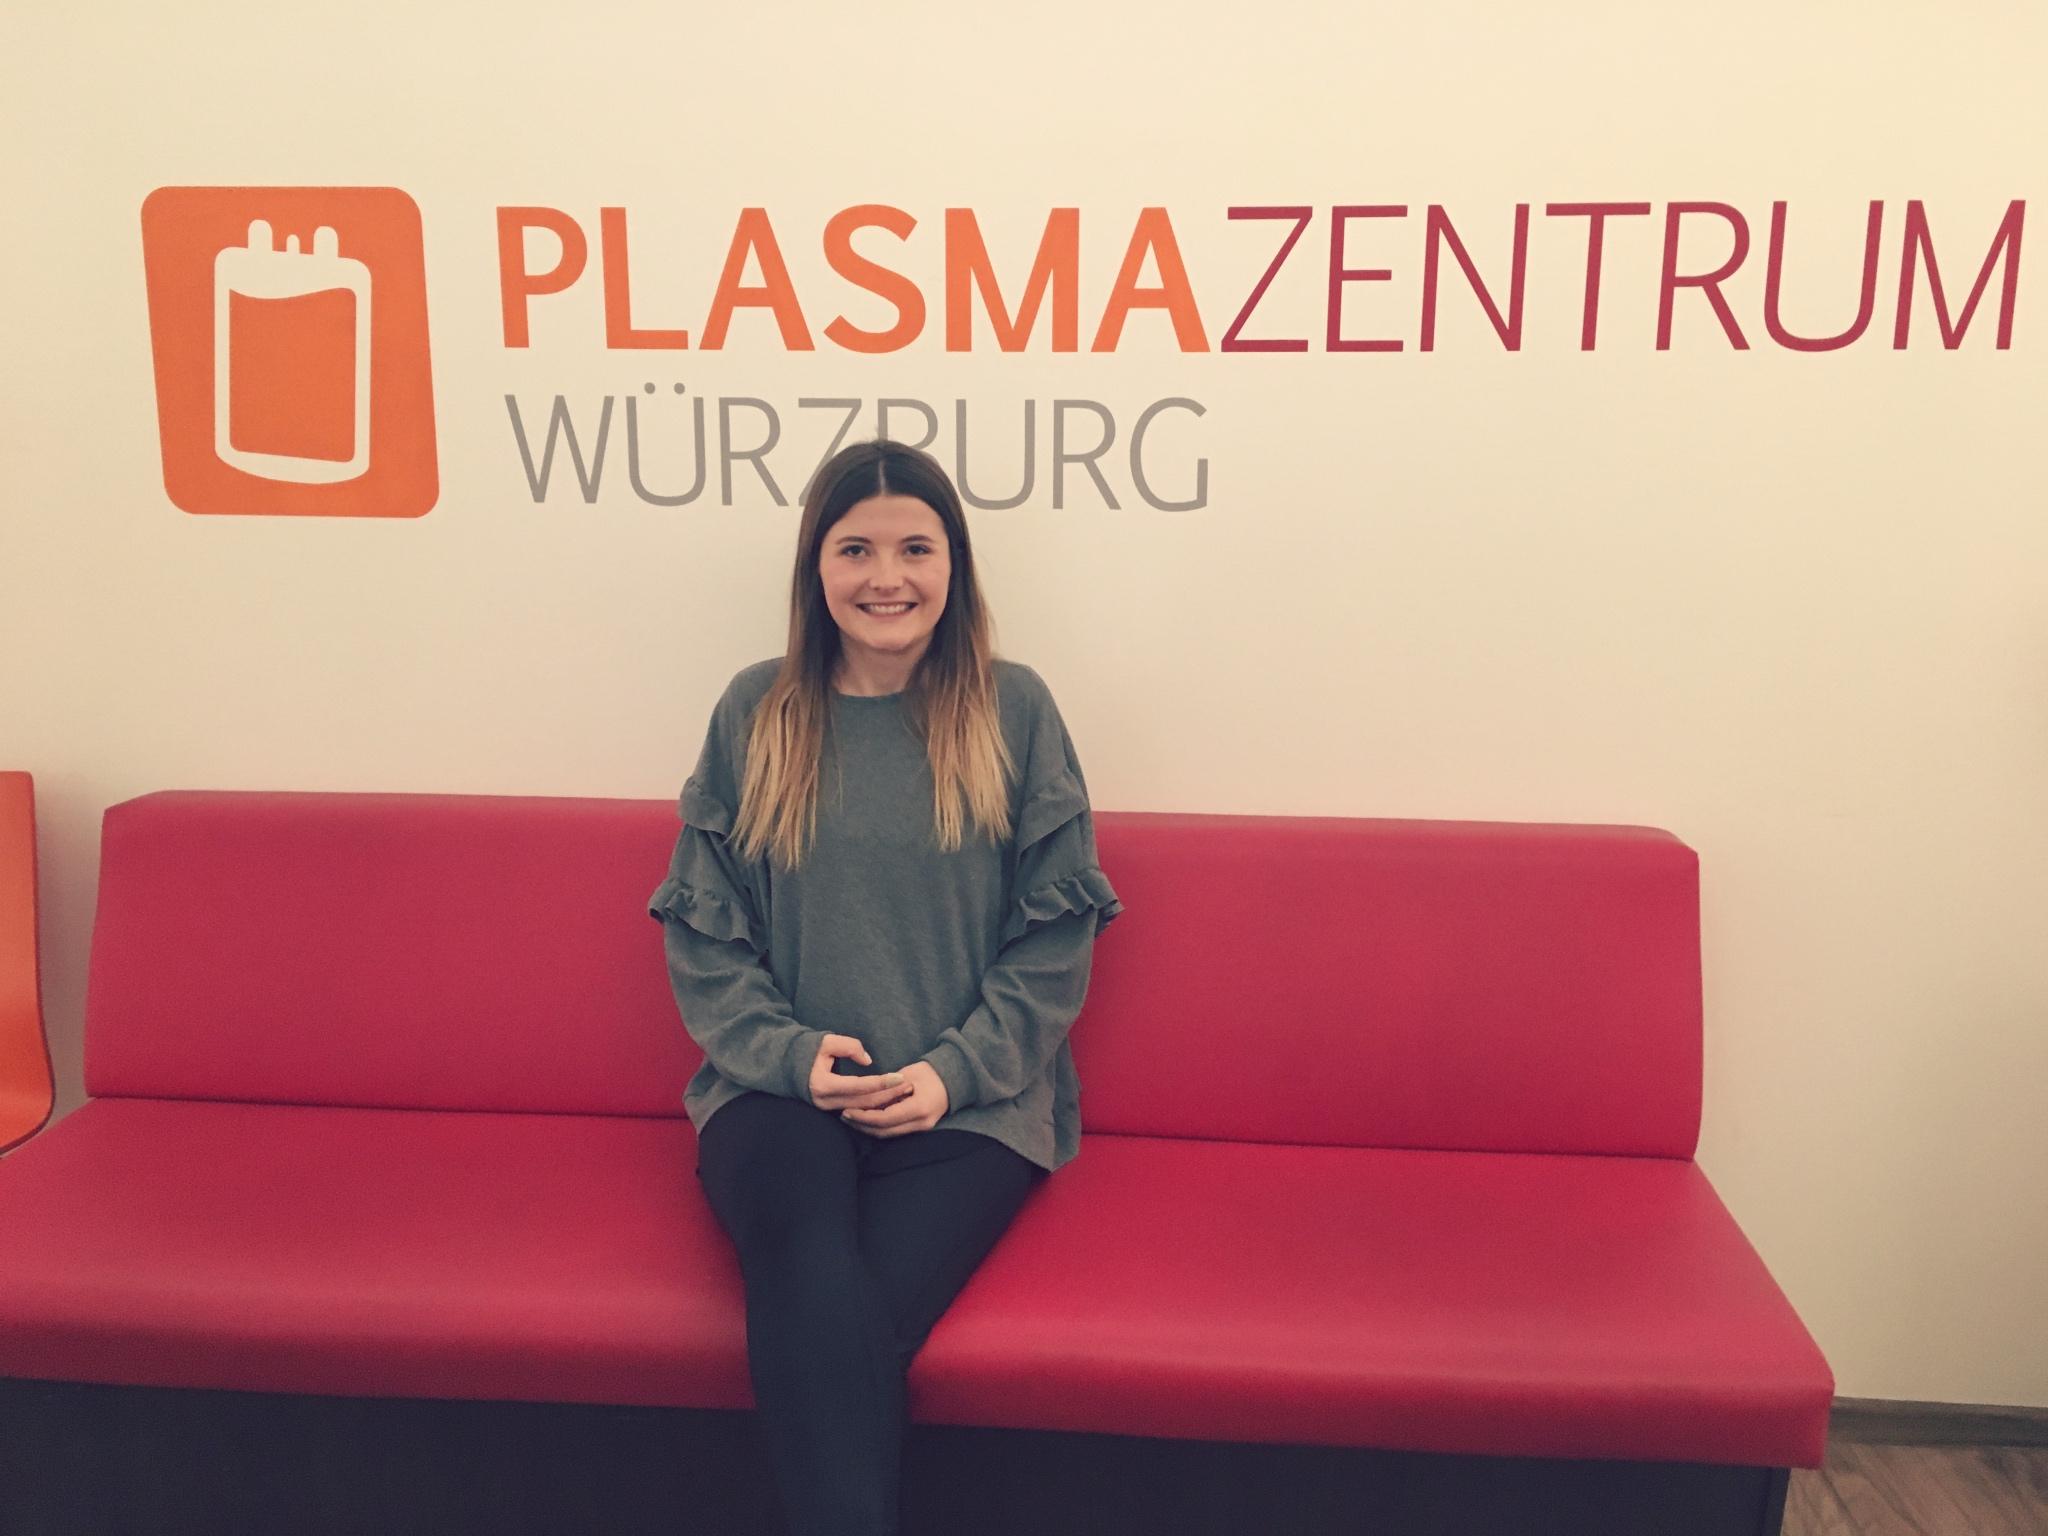 Rette Leben mit deiner Spende im Plasmazentrum Würzburg. Foto: Jasmina Scholz